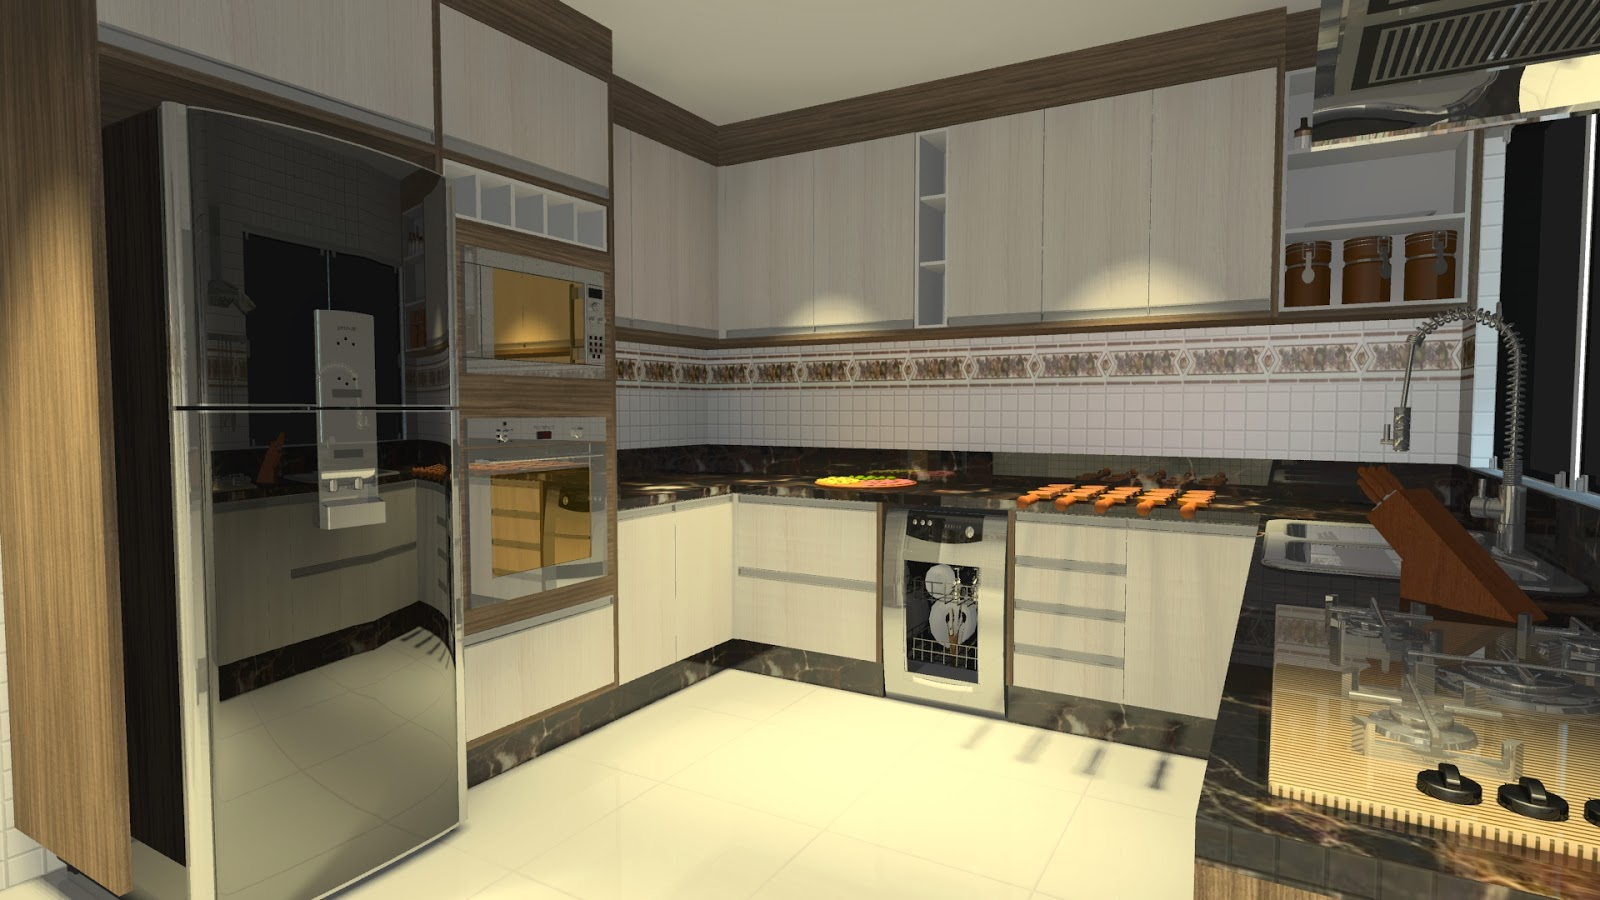 Ateliê de Ideias e Projetos : Cozinhas americanas ou não veja como  #B5A316 1600 900